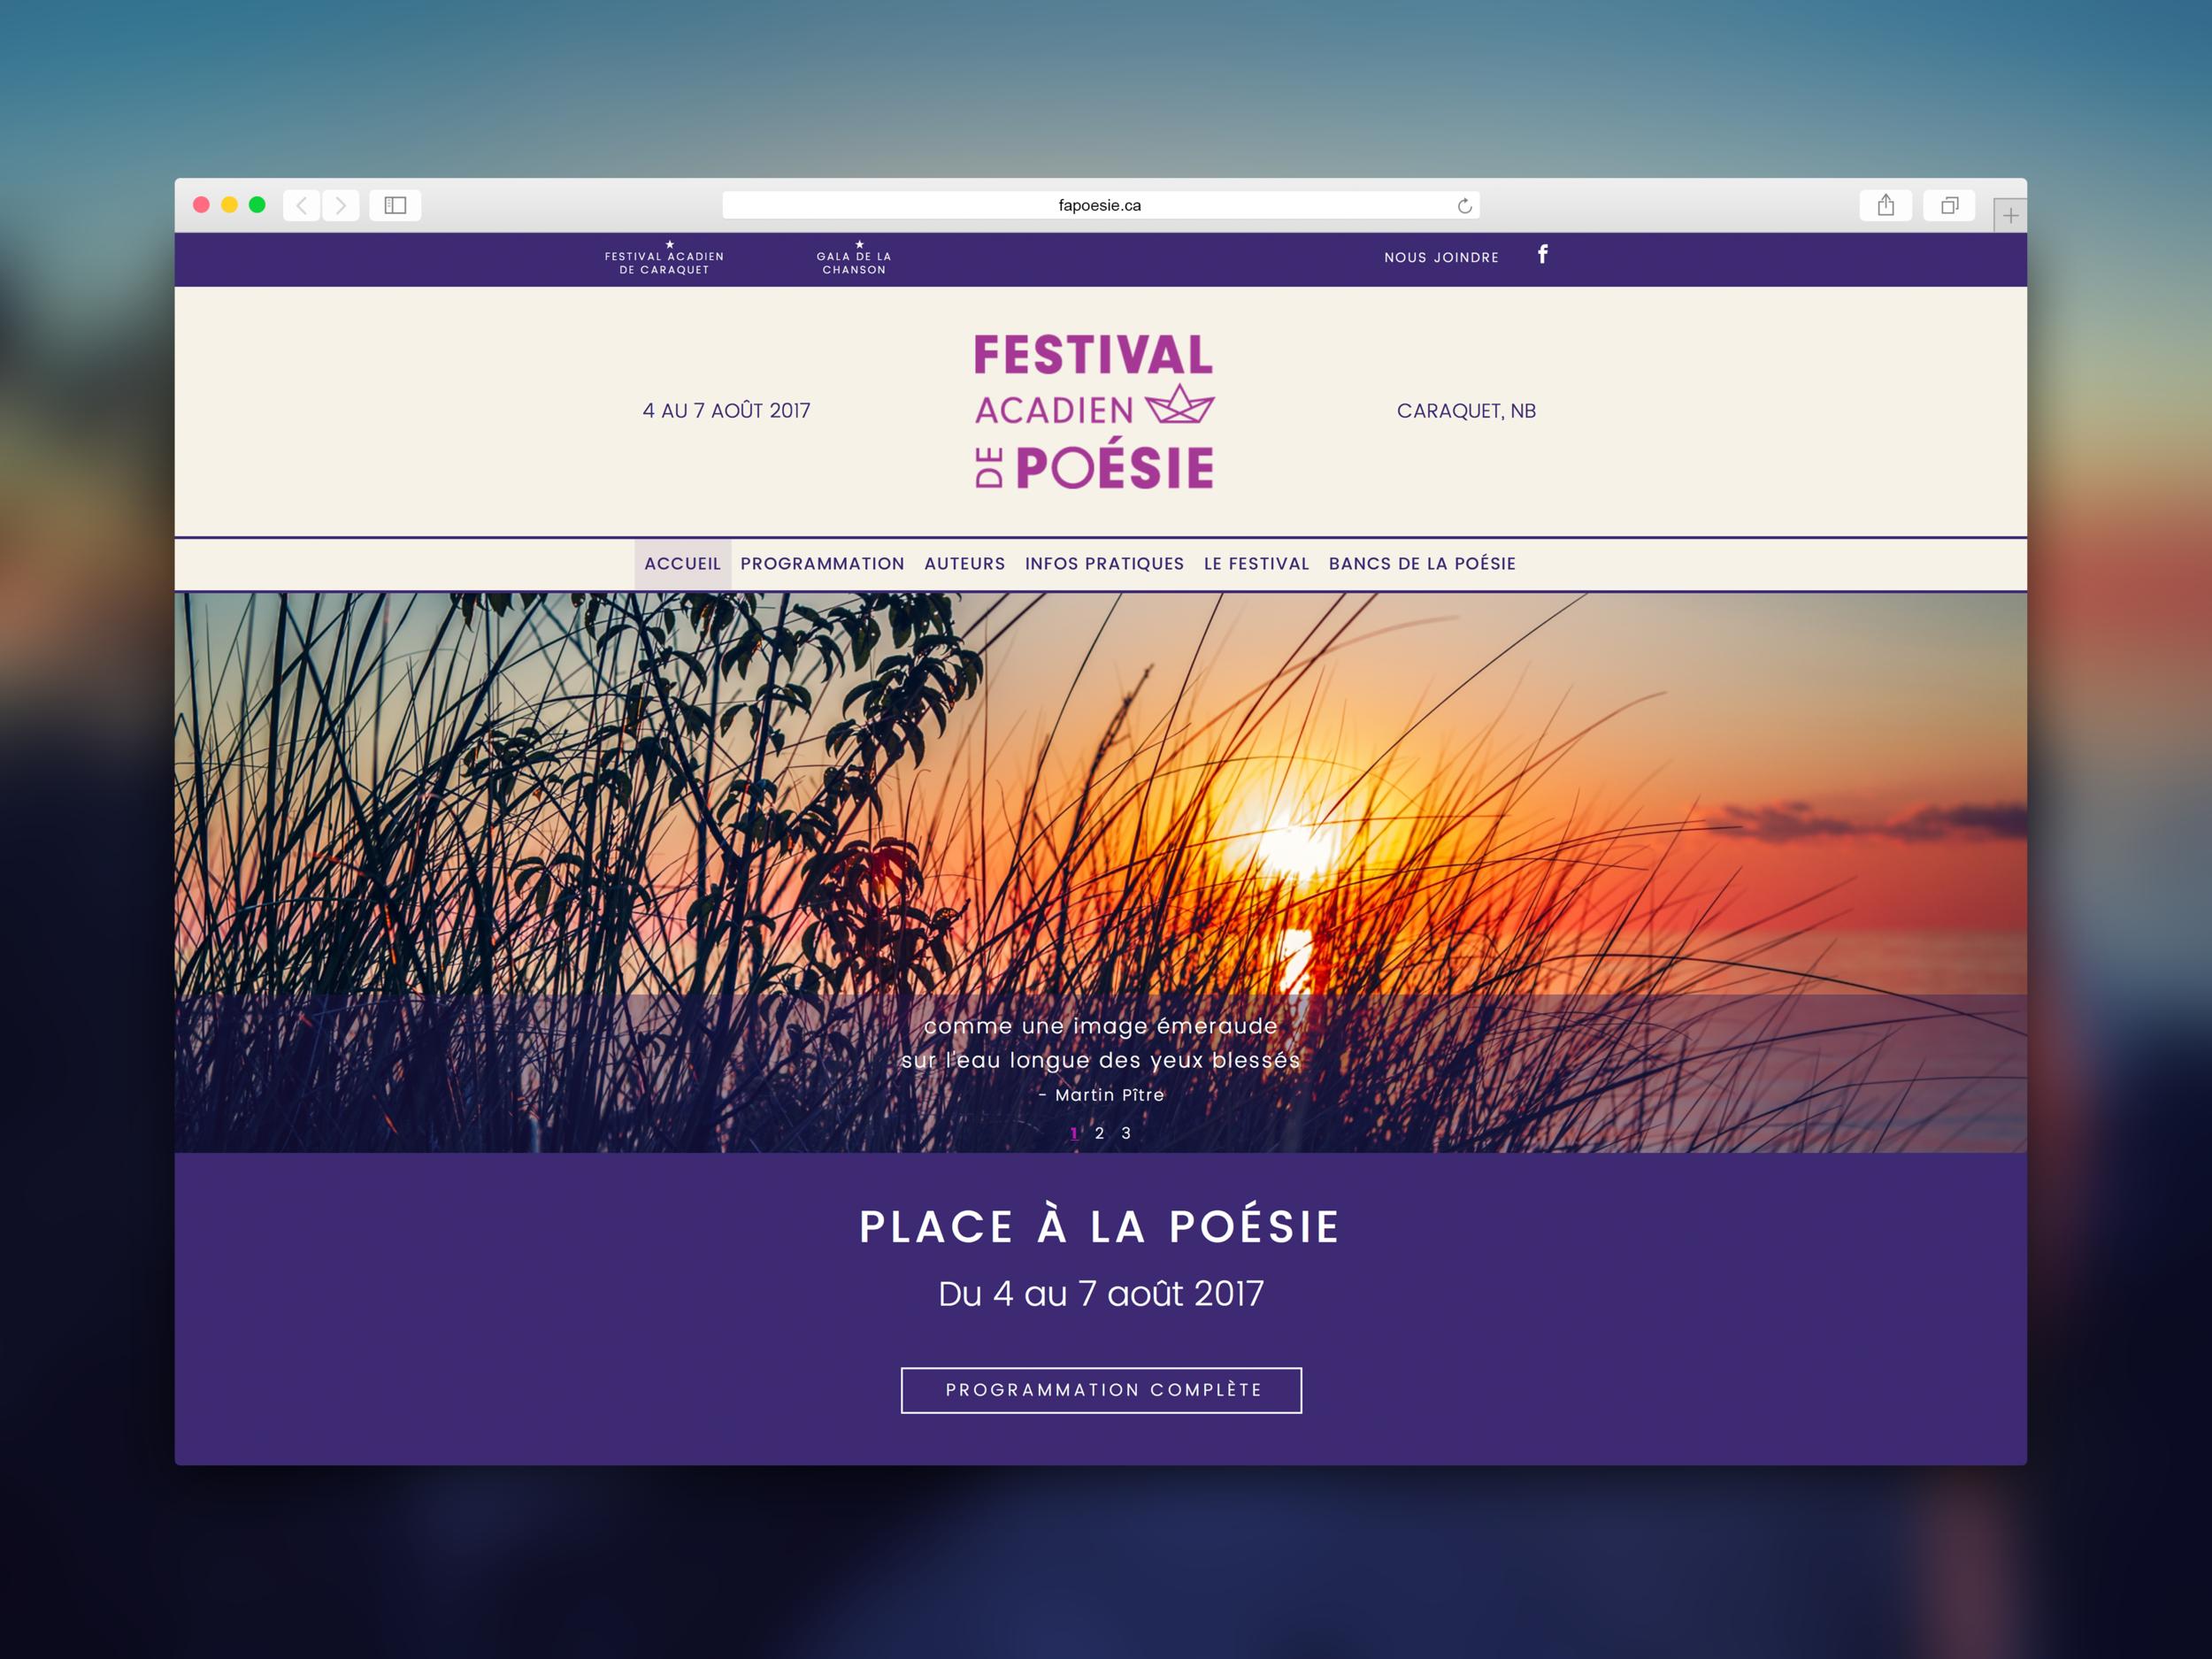 Festival acadien de poésie - Site web. Programmation par Promotions Citrus.